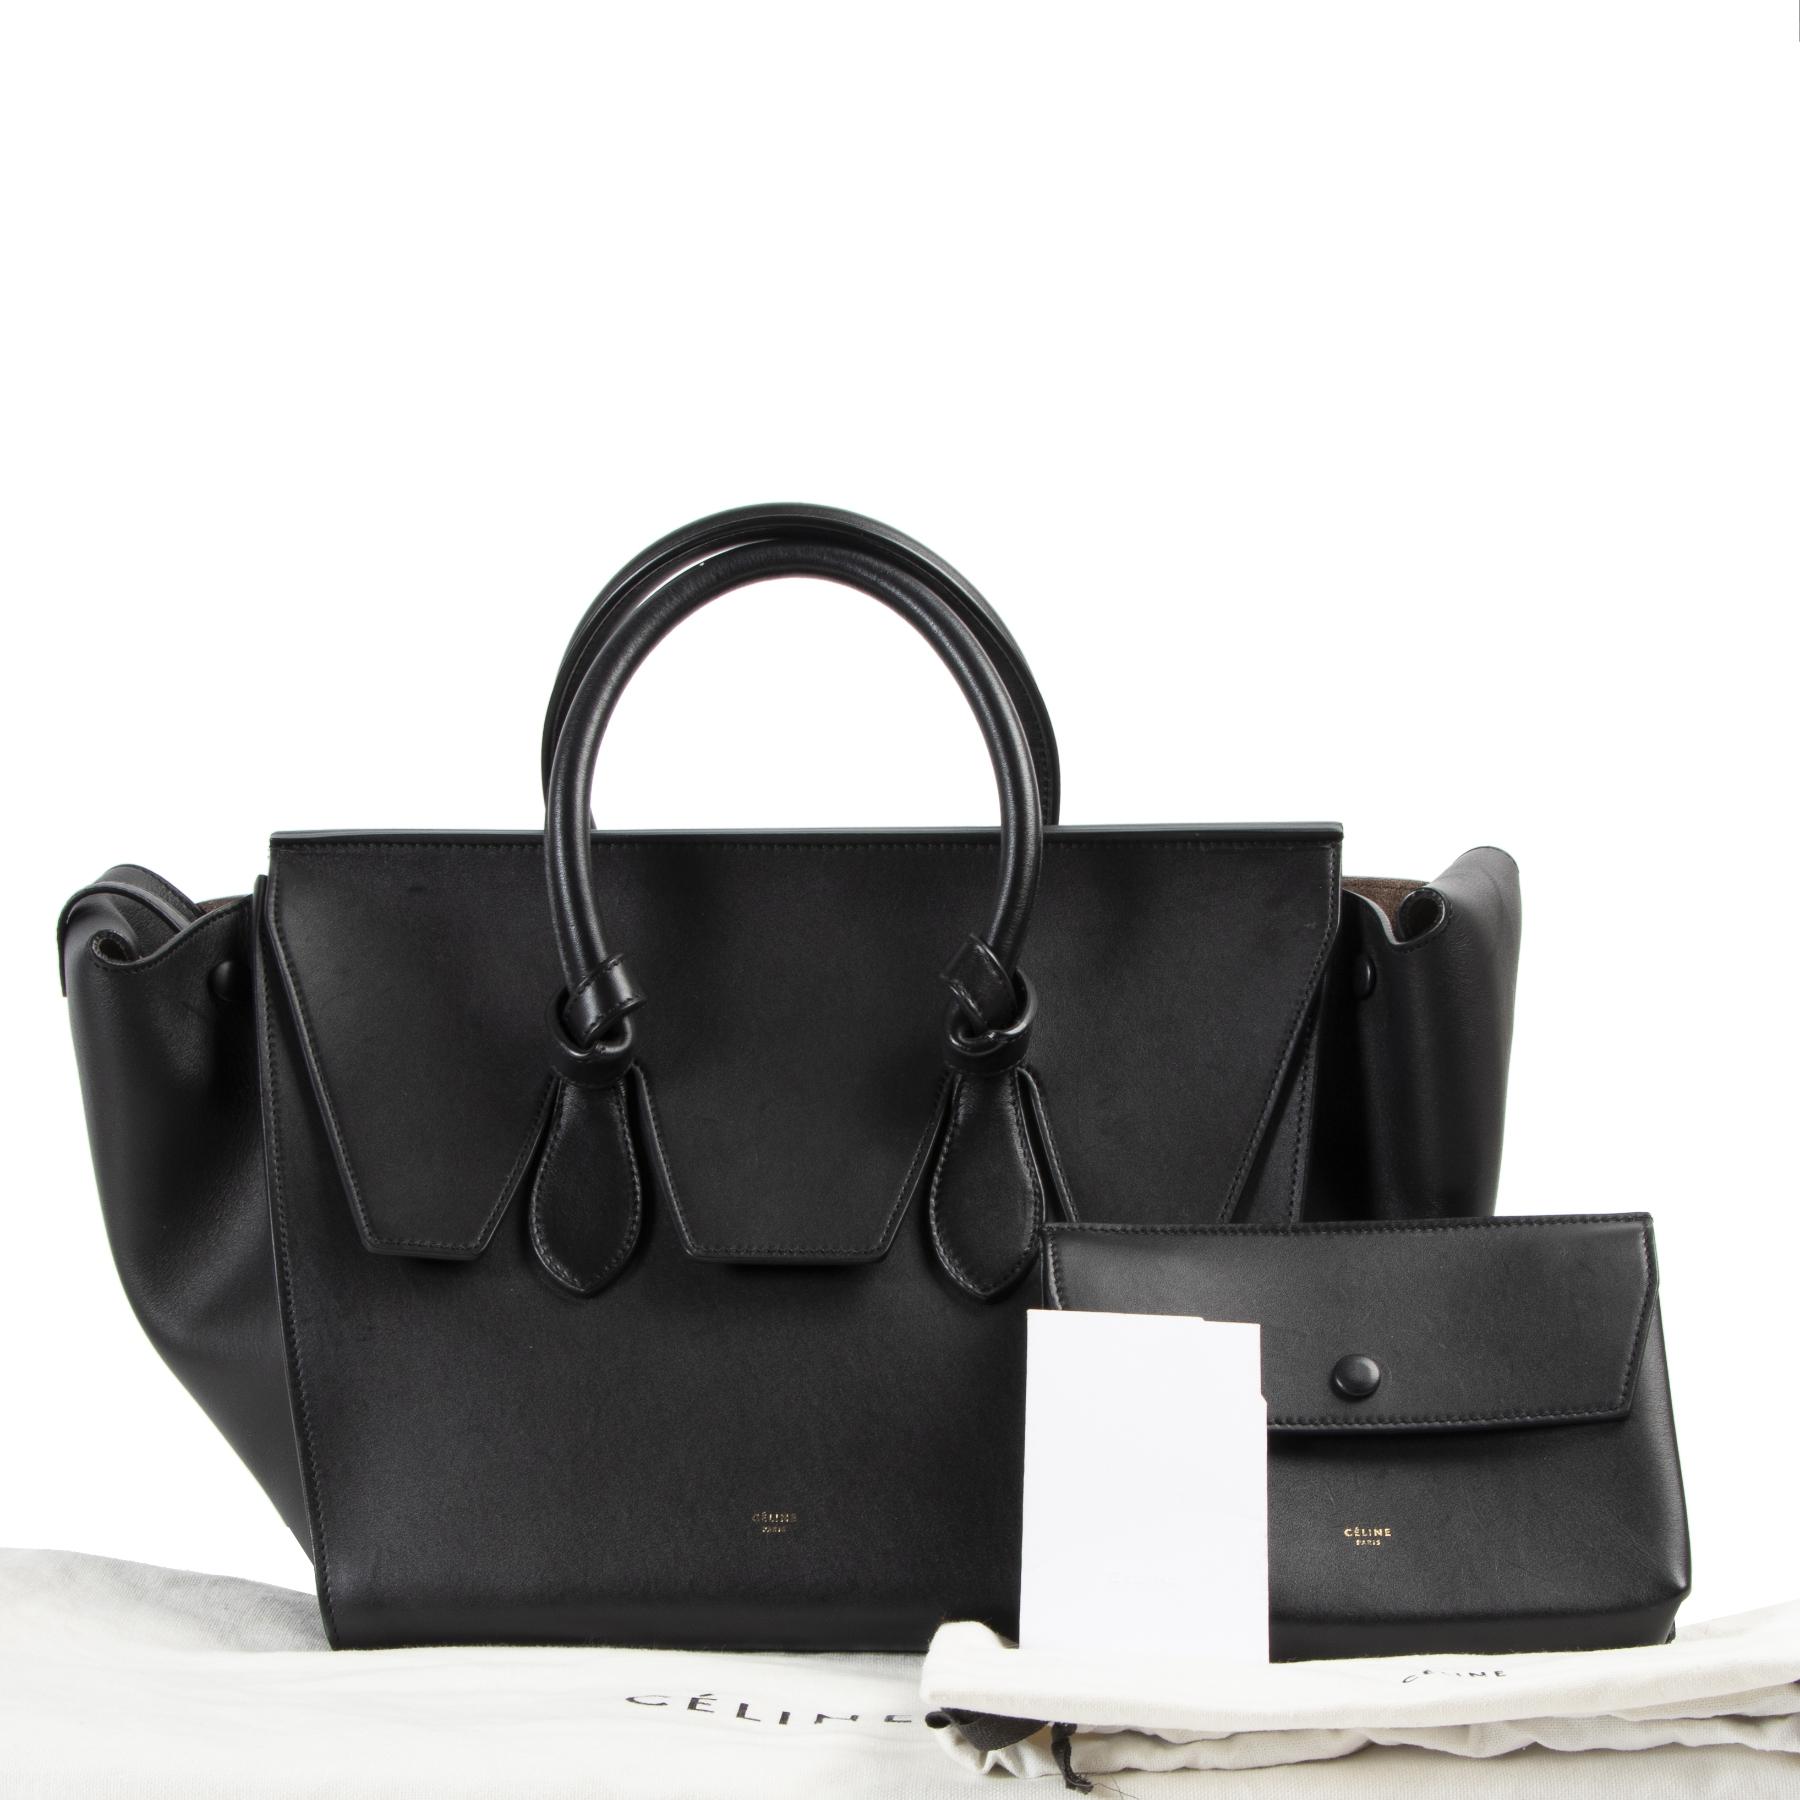 Celine Tie Knot Medium Black Leather Tote kopen en verkopen aan de beste prijs bij Labellov tweedehands luxe